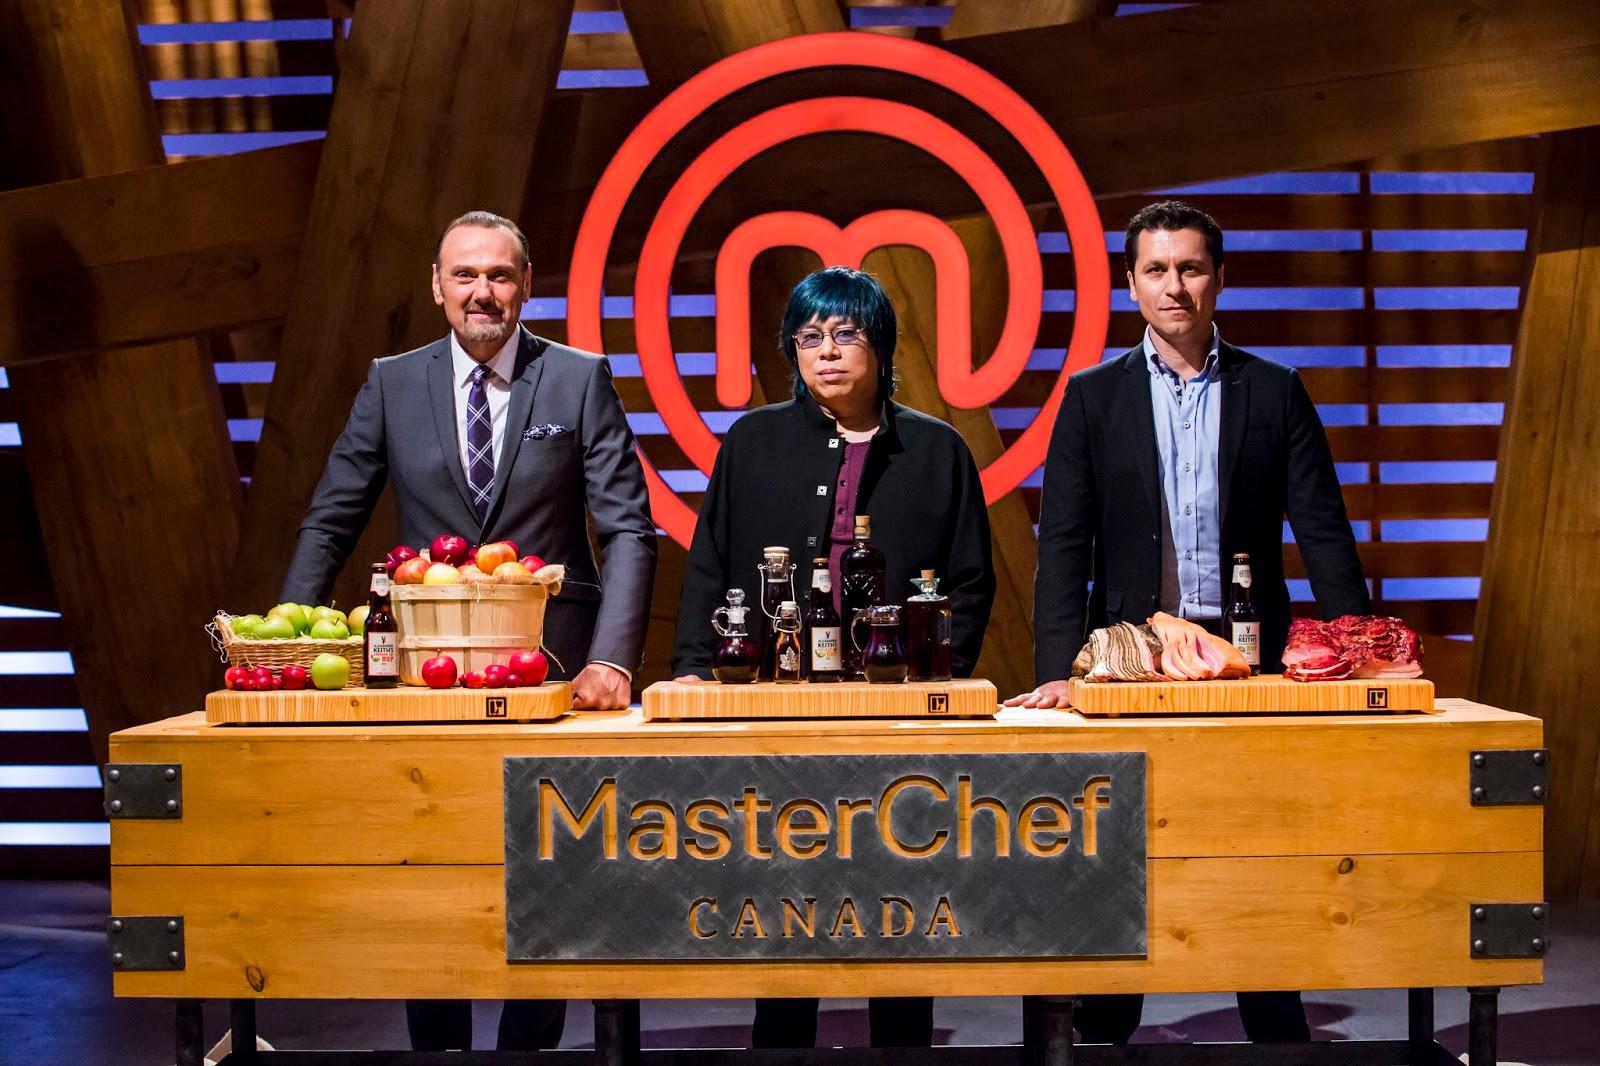 MasterChef Canada Season 4 date release